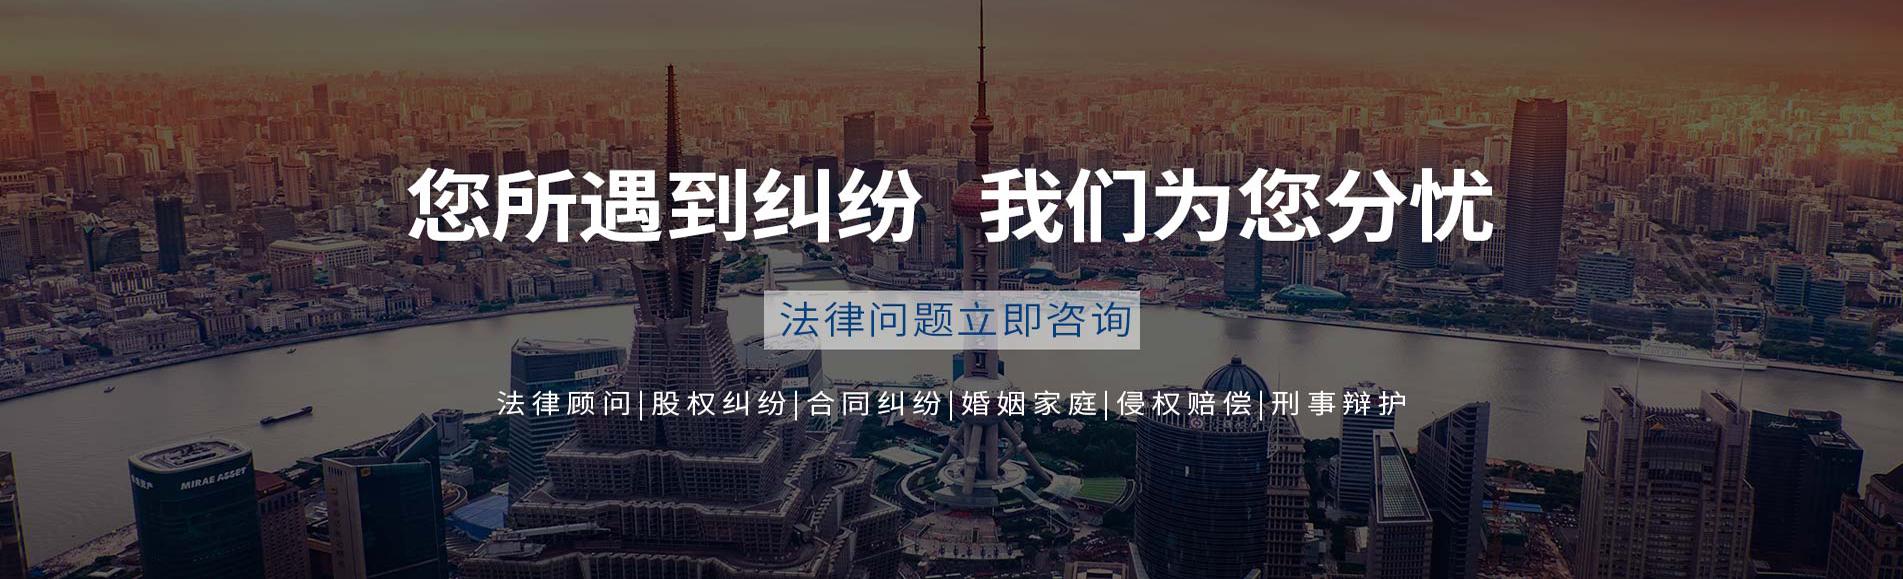 北京专业刑事律师